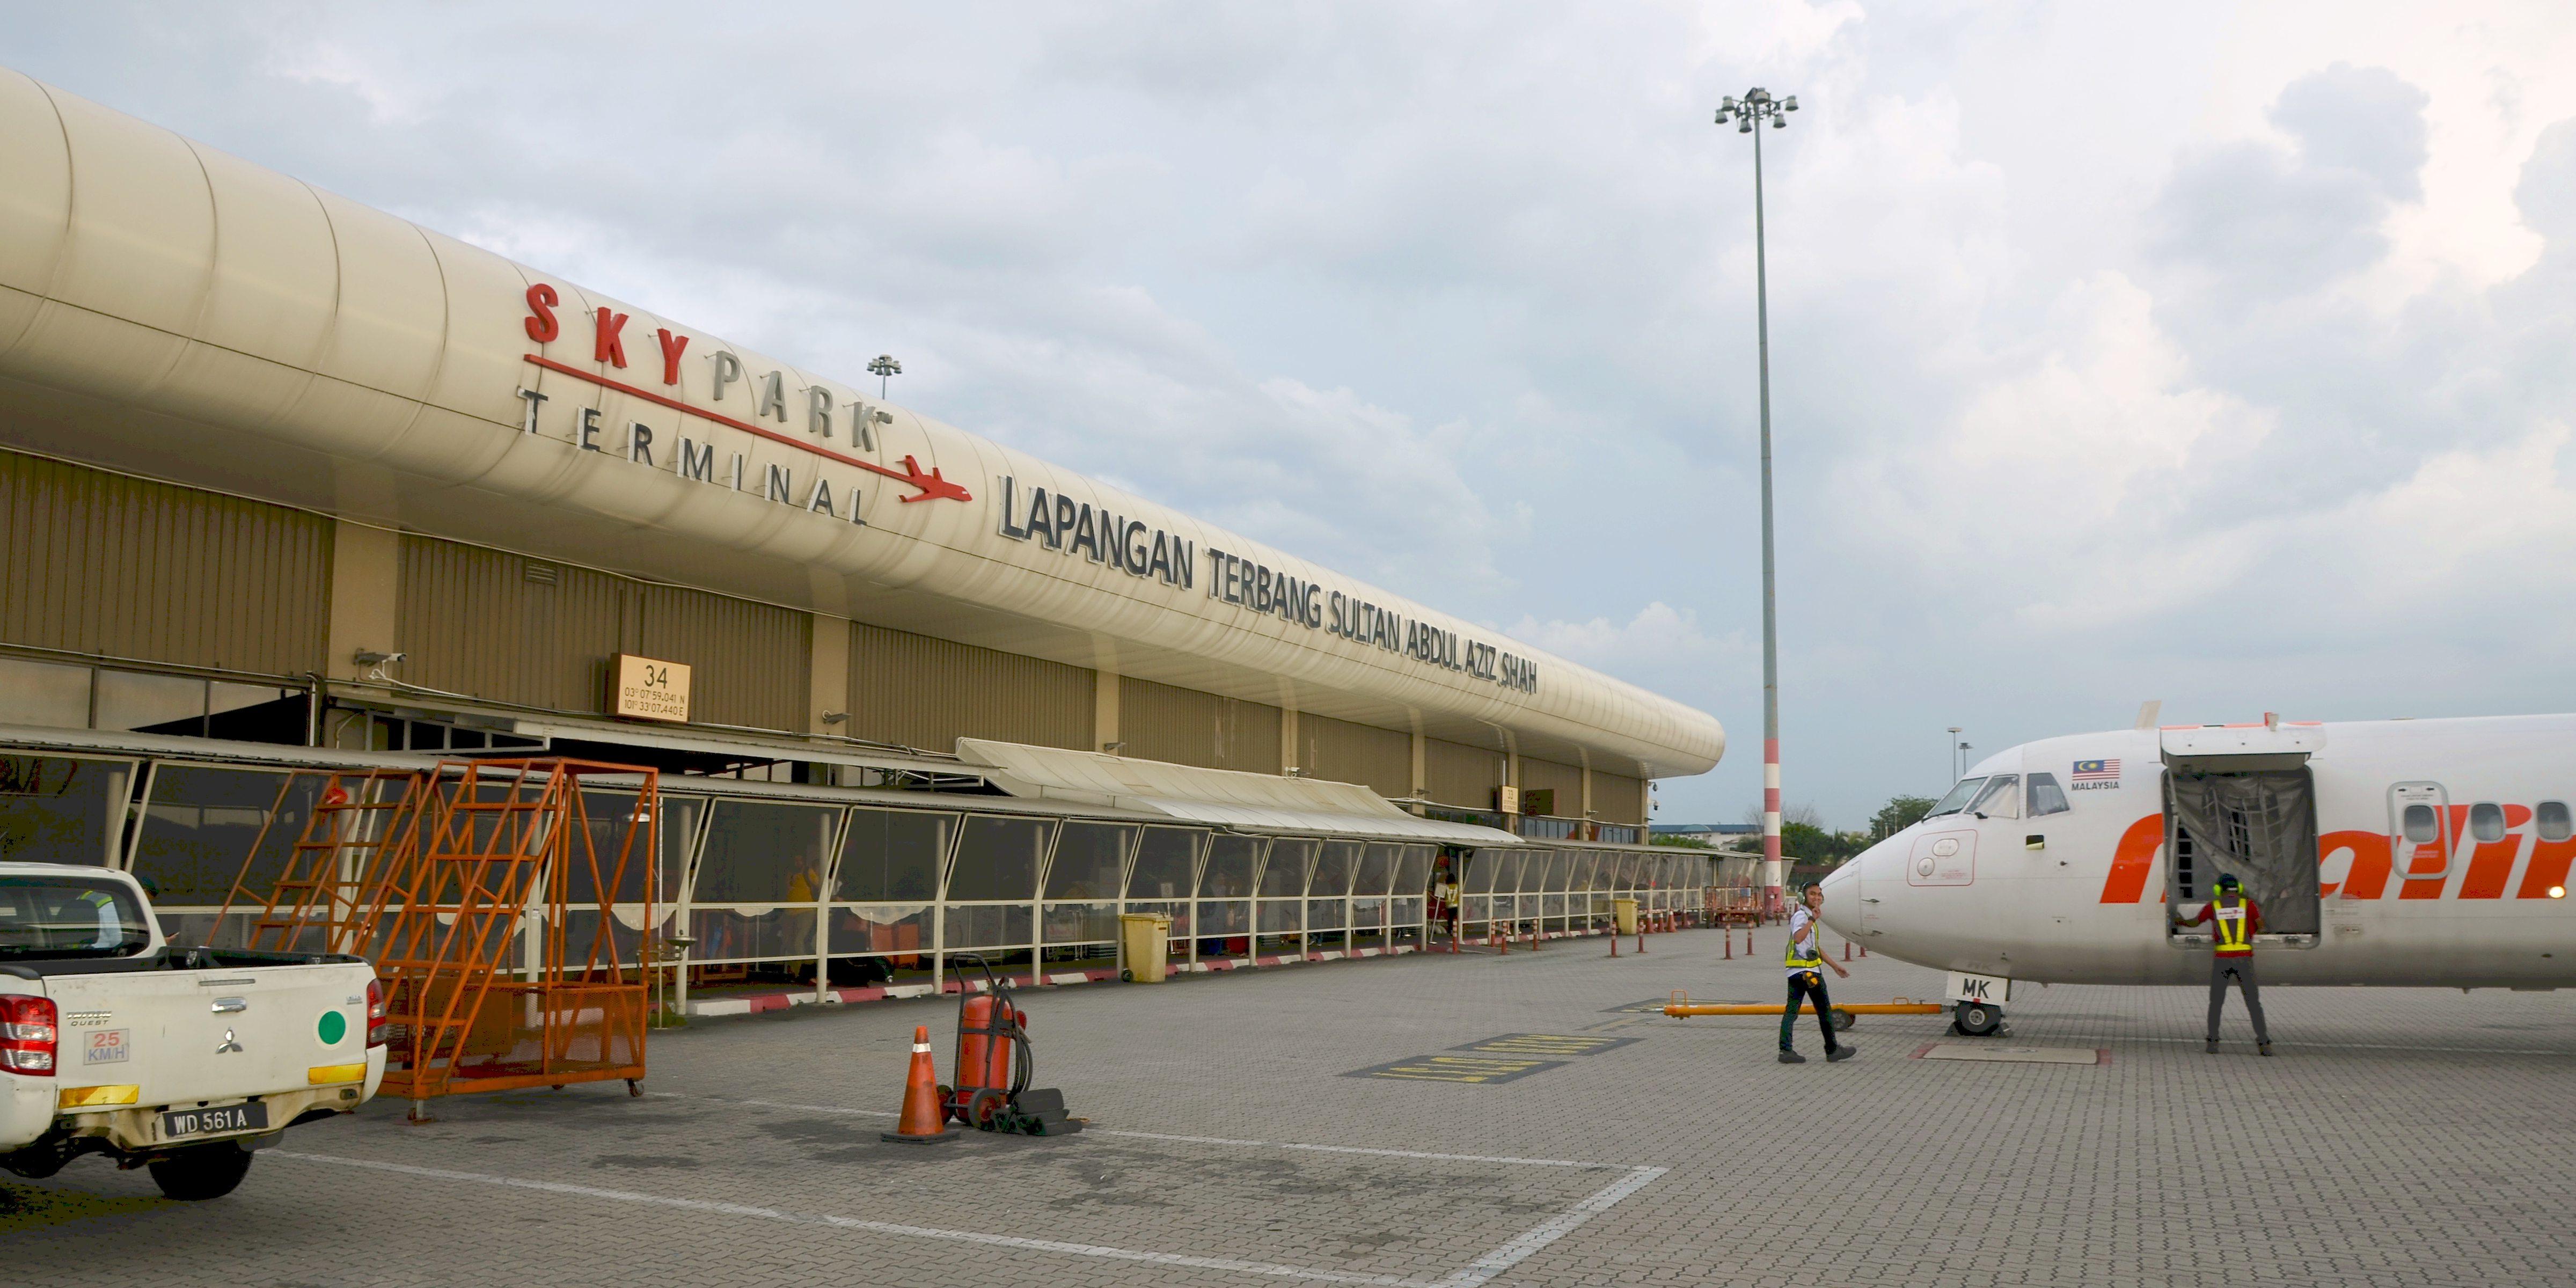 Kl sentral to subang airport